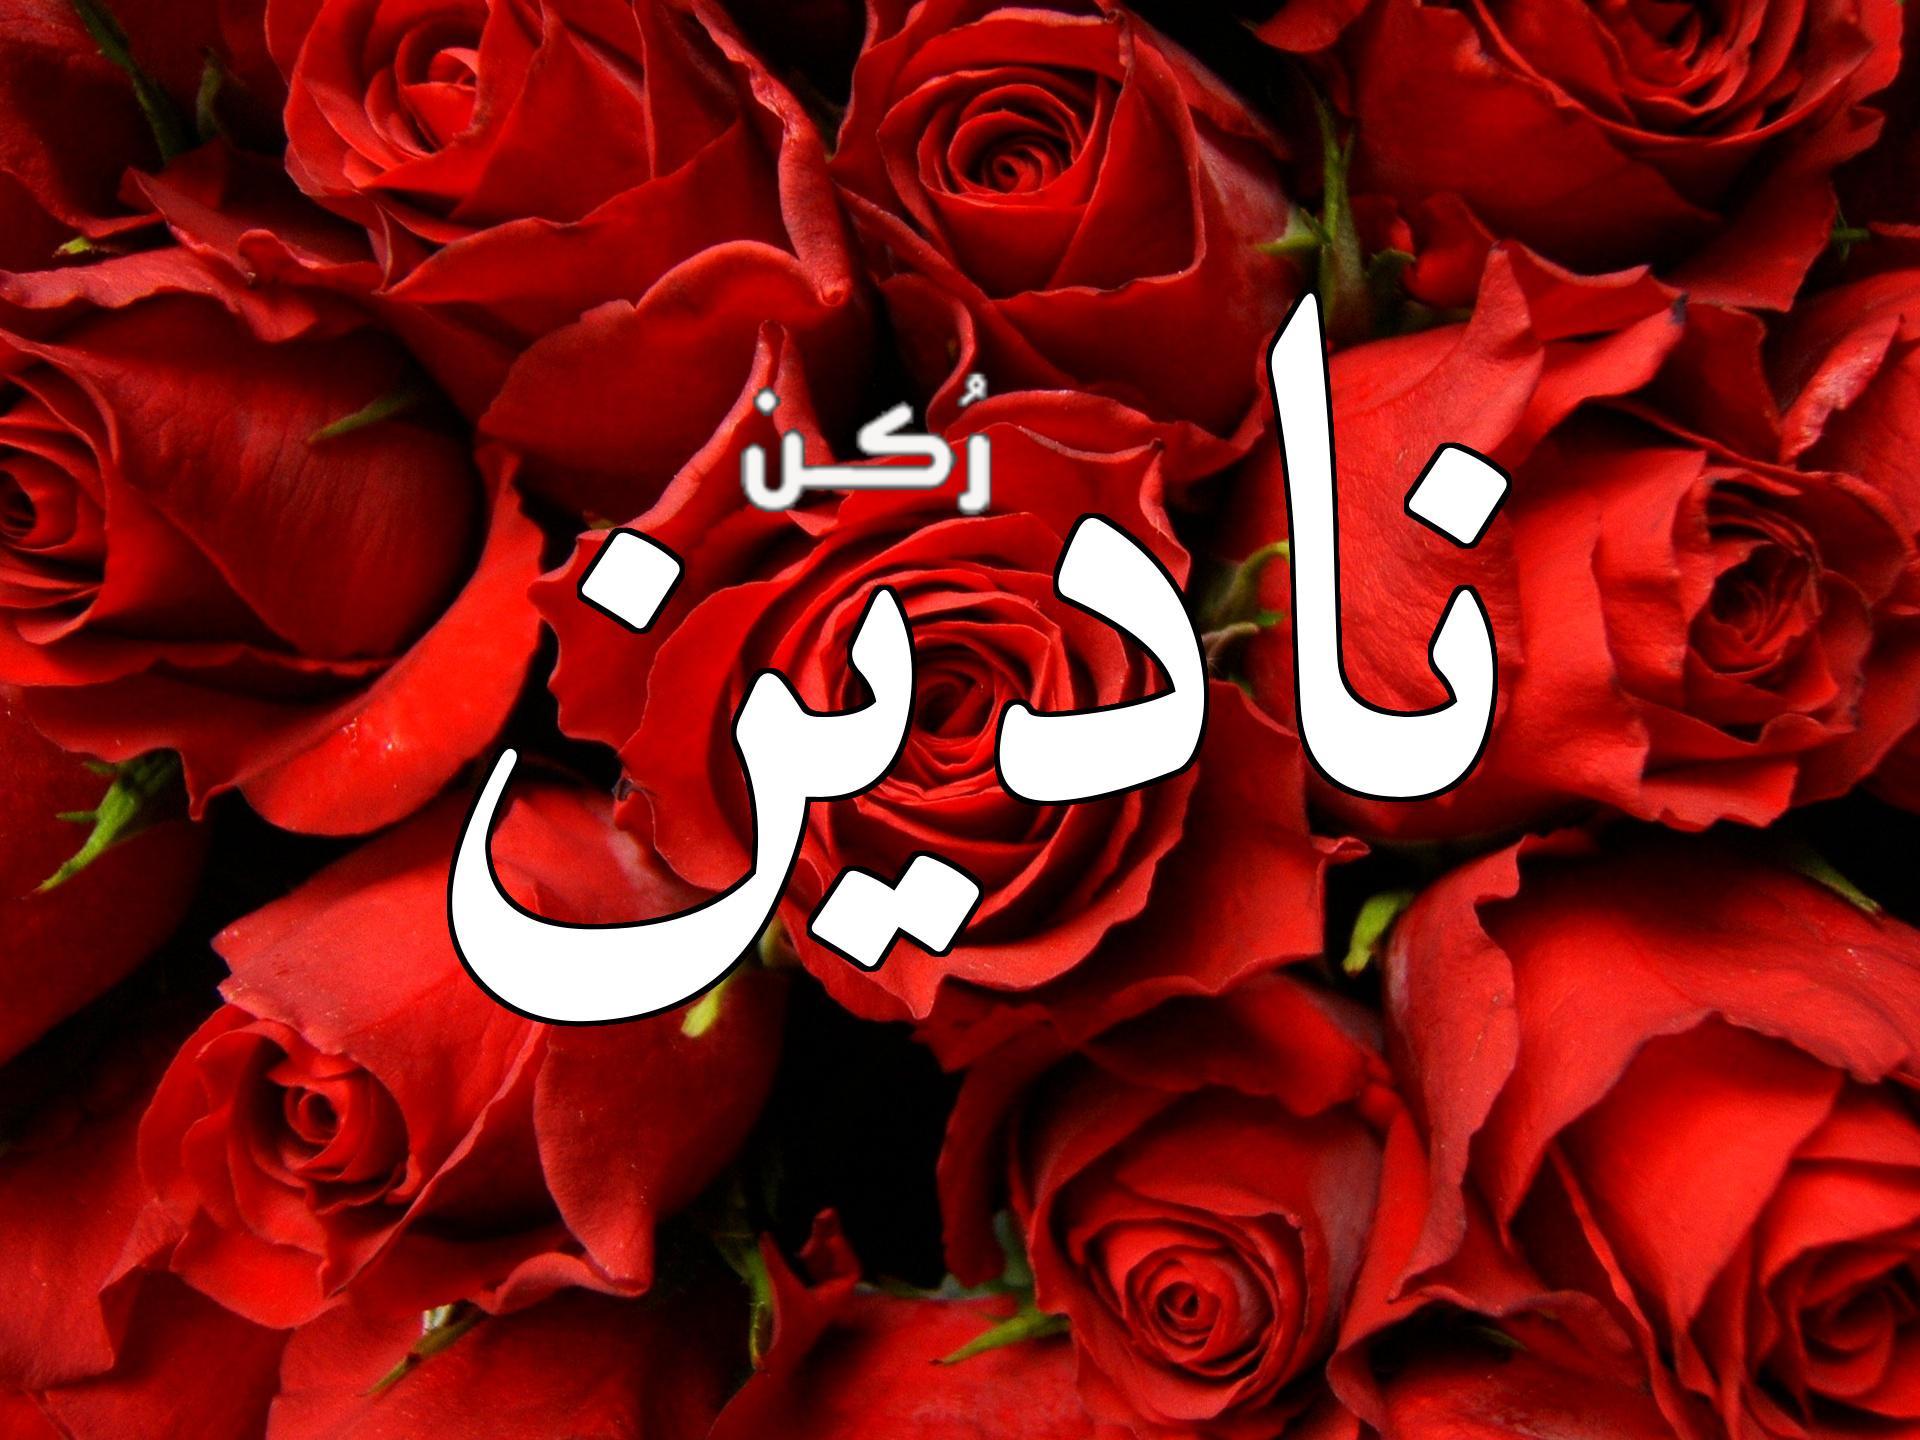 معنى اسم نادين Nadine في اللغة العربية وهل يجوز التسمي به أم لا؟